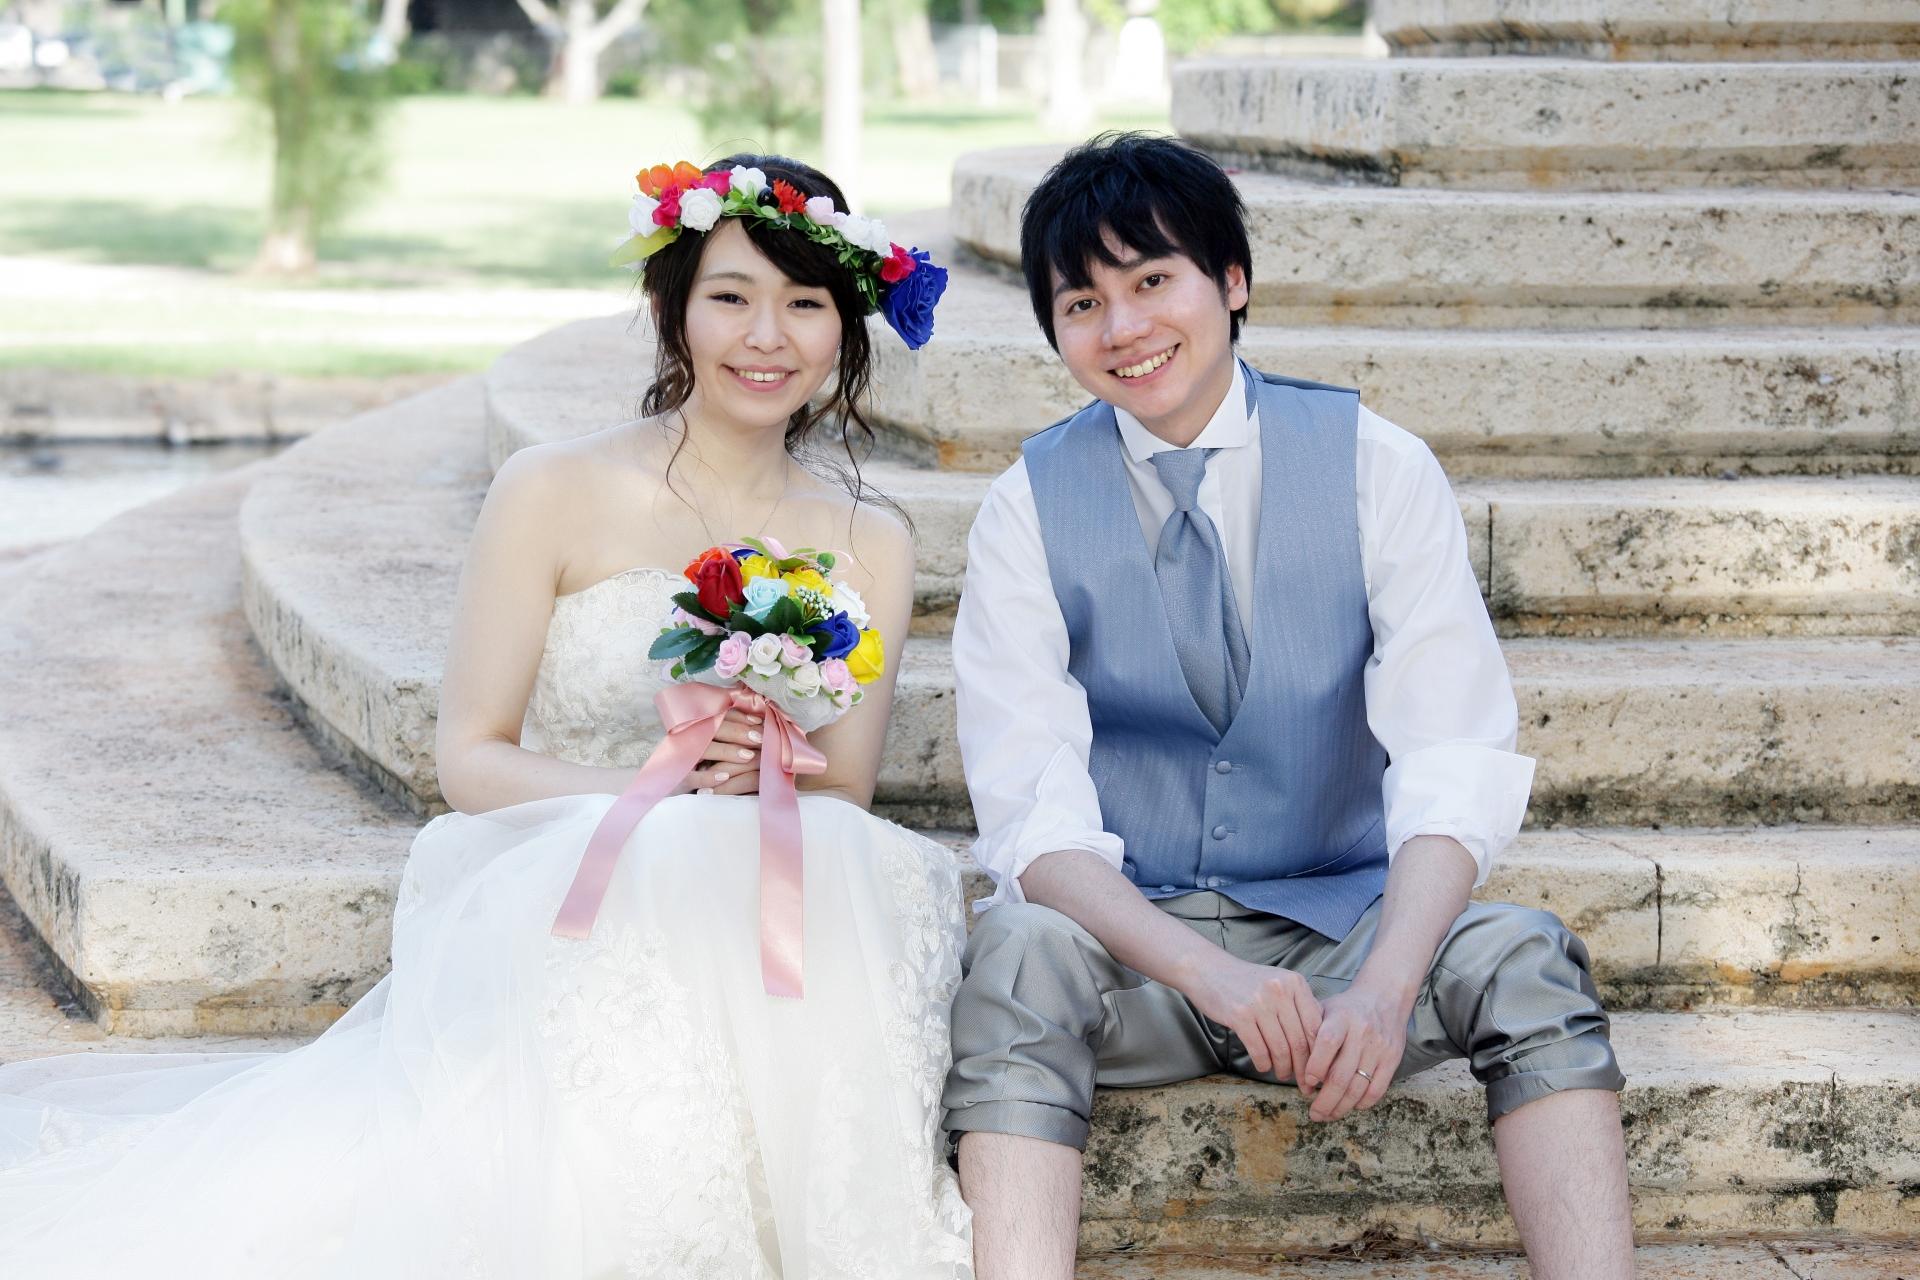 【ご婚約のご報告】20代女性の婚活体験談